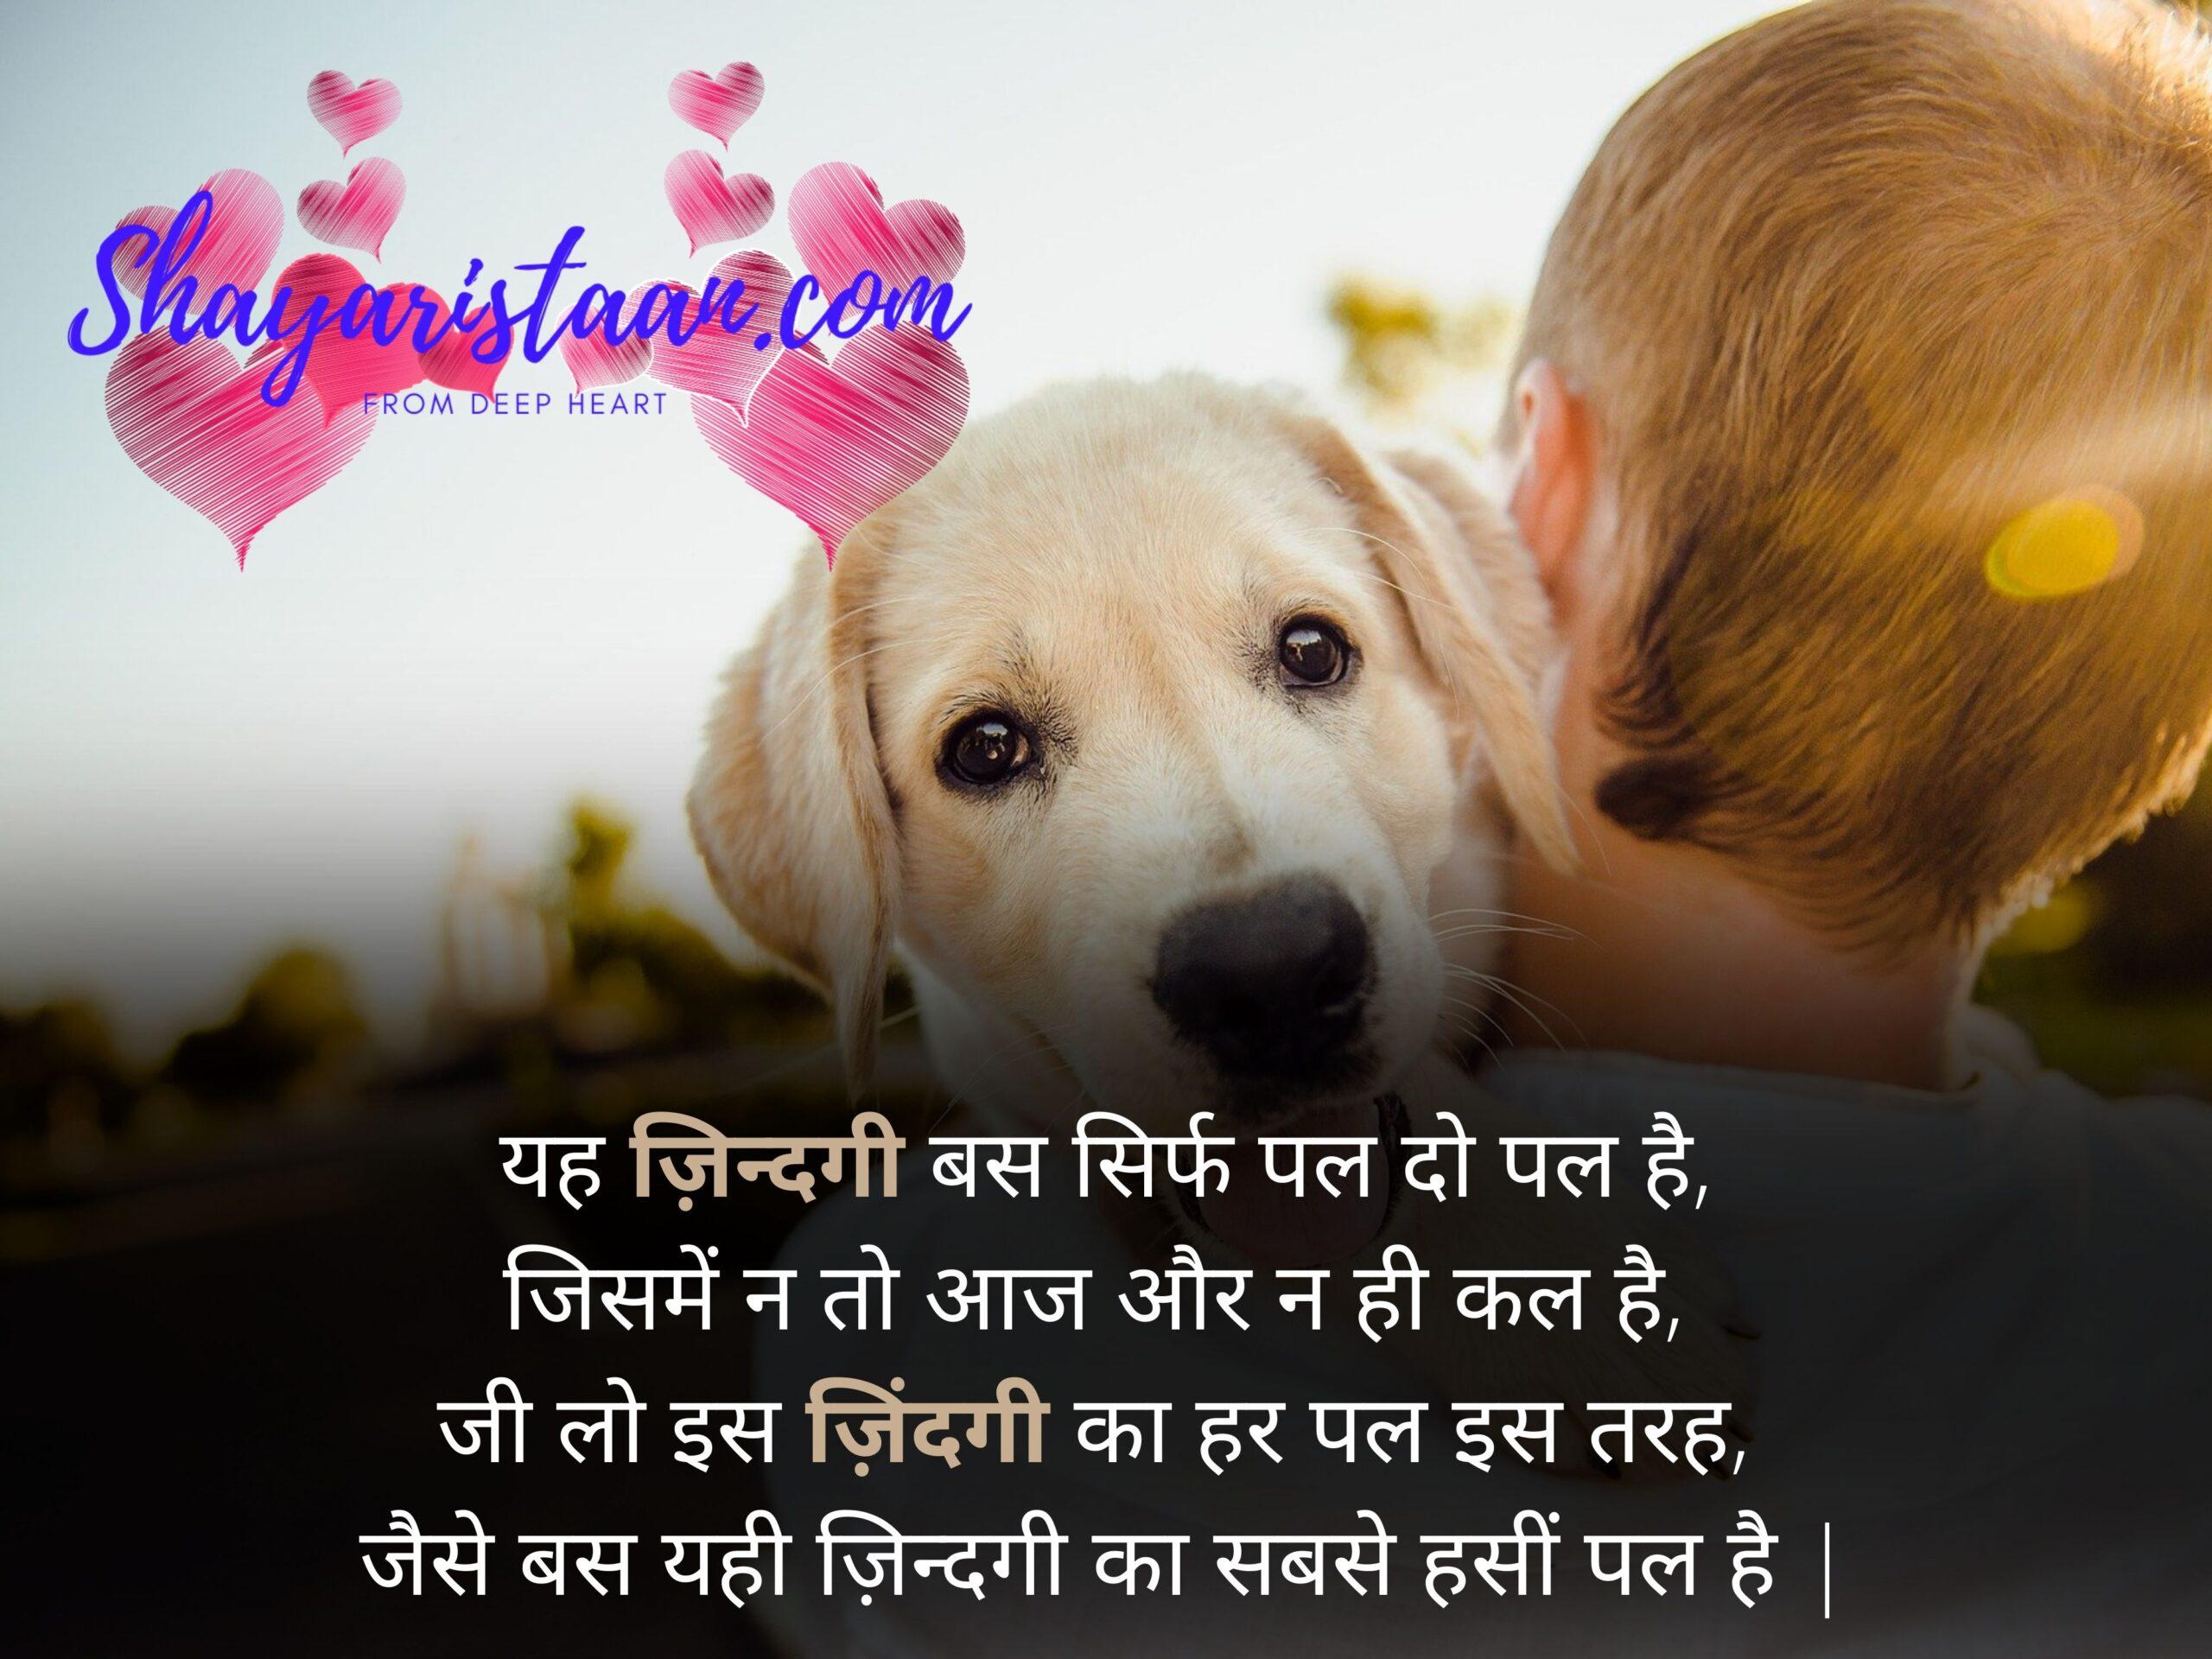 life shayari in hindi   यह ज़िन्दगी बस सिर्फ पल दो पल है, जिसमें न तो आज और न ही कल है, जी लो इस ज़िंदगी का हर पल इस तरह, जैसे बस यही ज़िन्दगी का सबसे हसीं पल है  